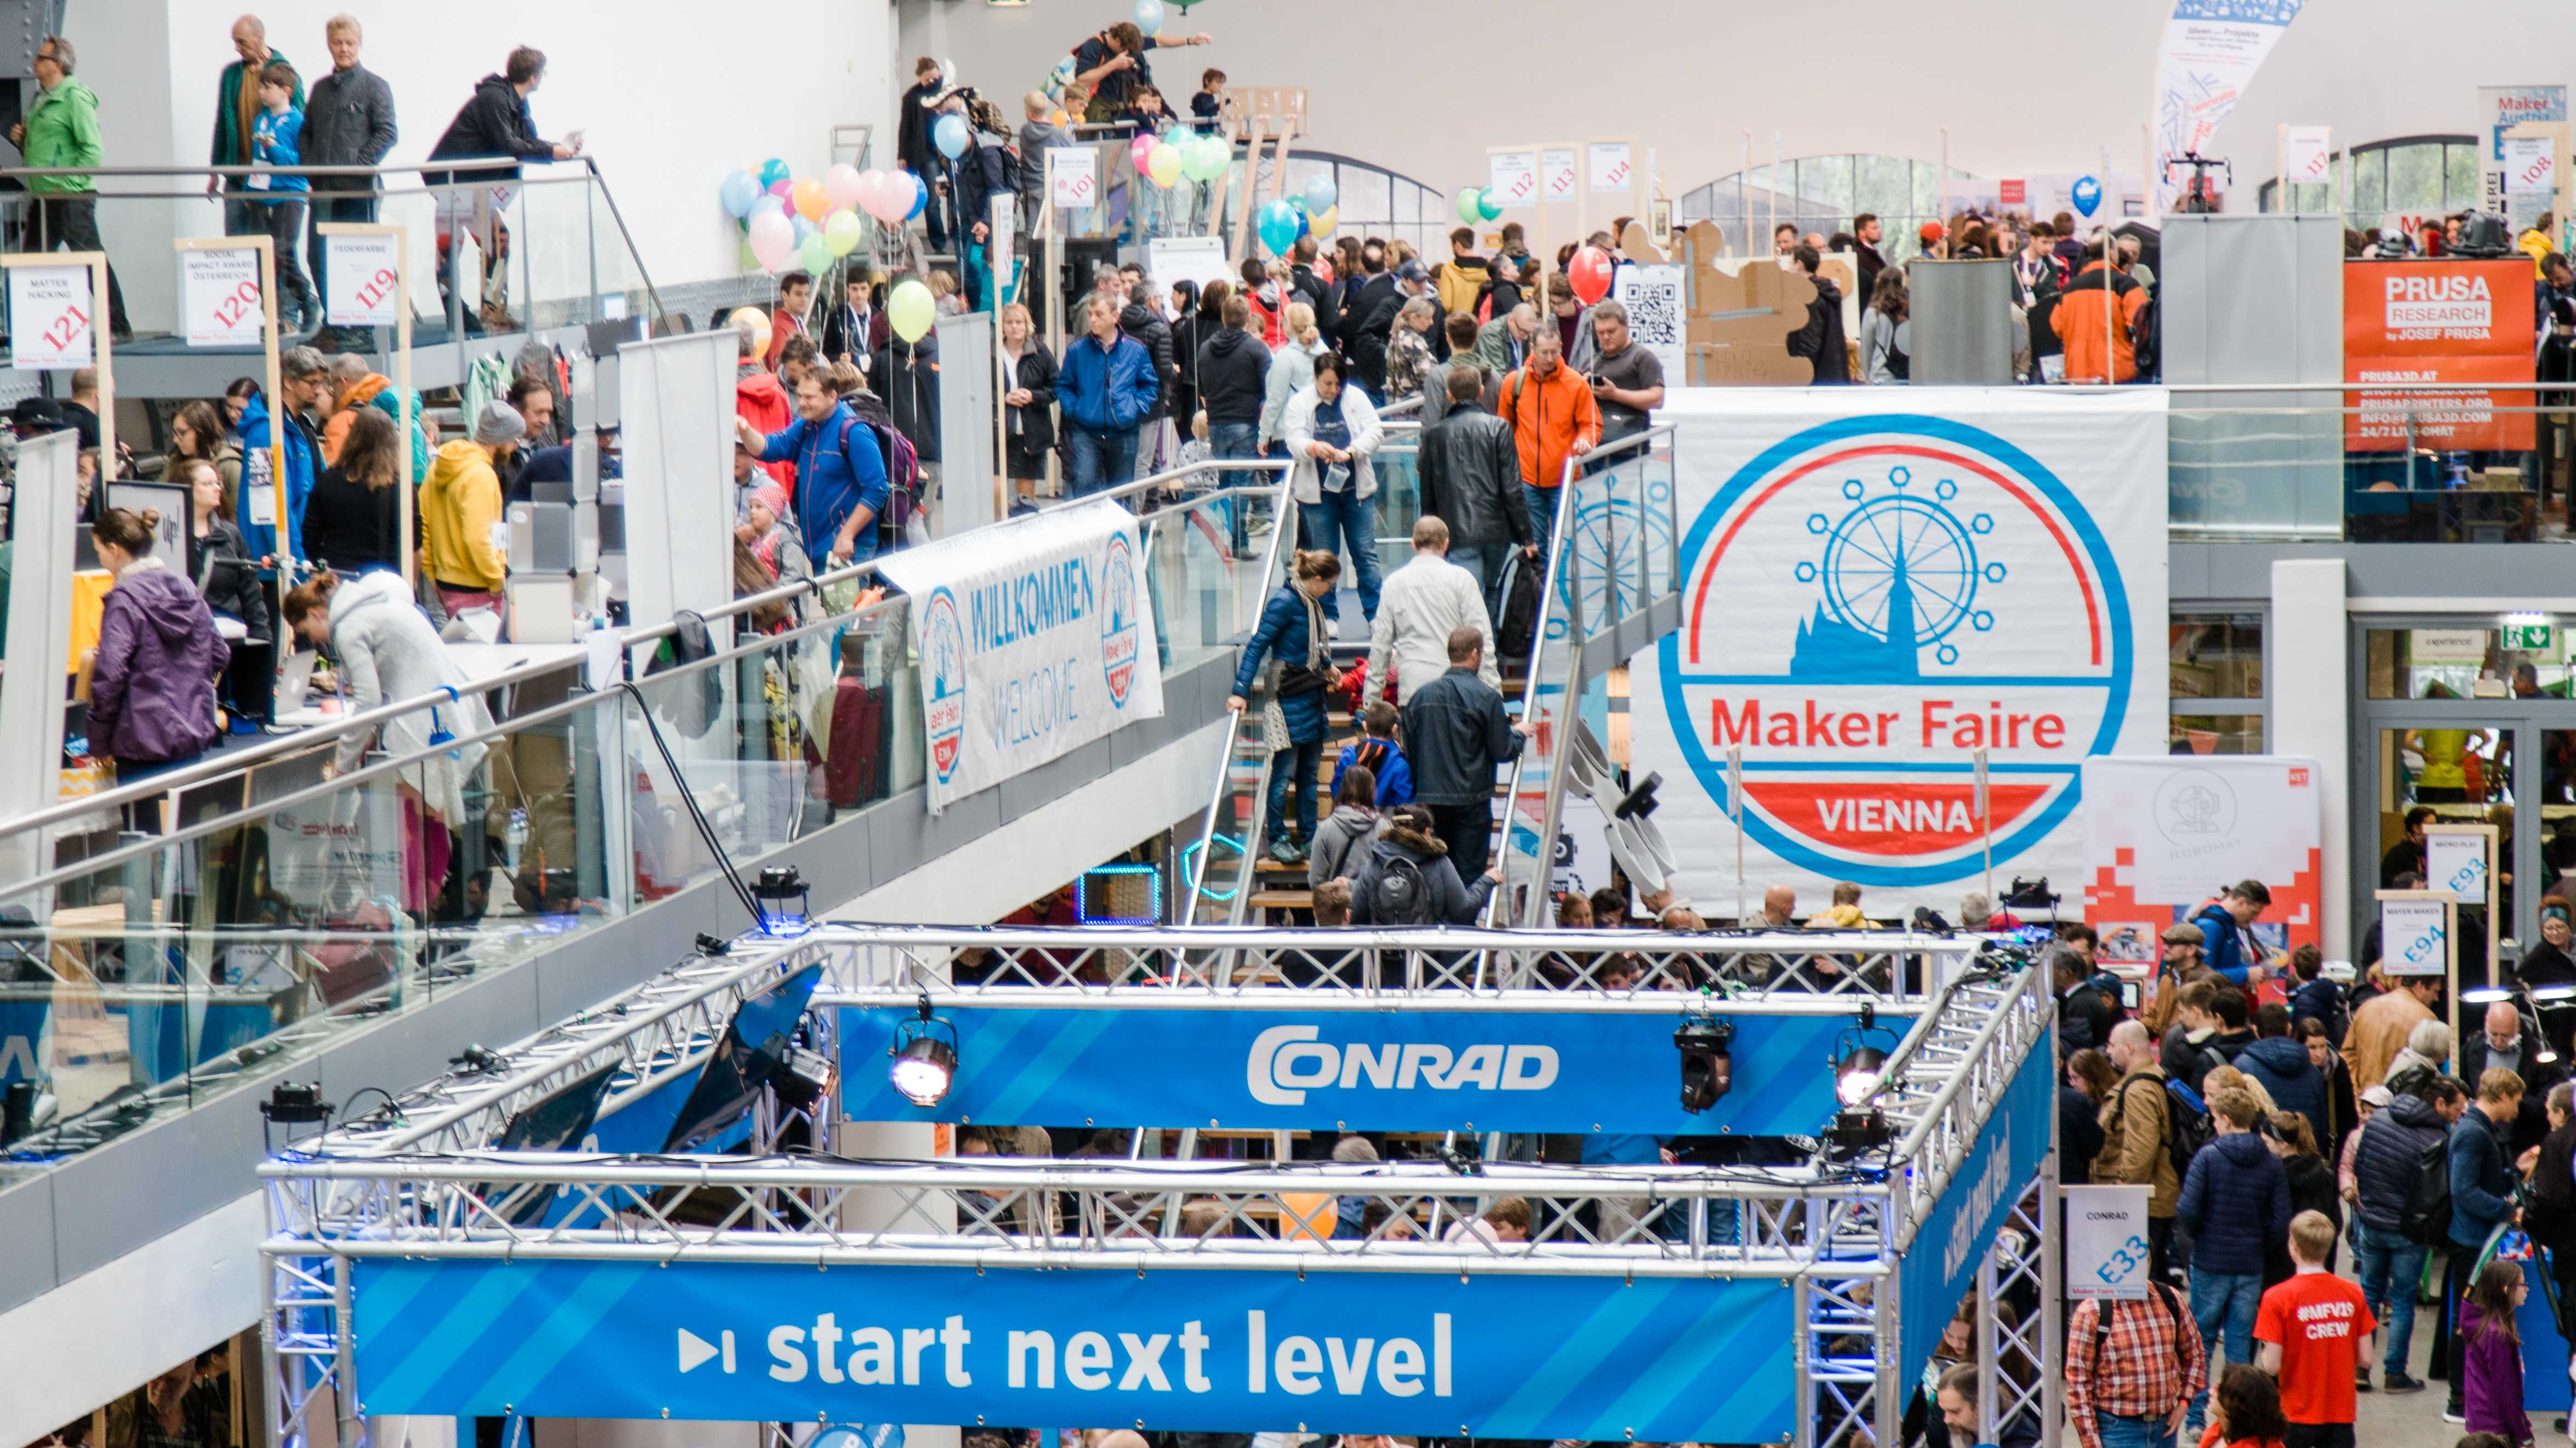 Blick in die METAStadt Wien während der Maker Faire Vienna 2019.